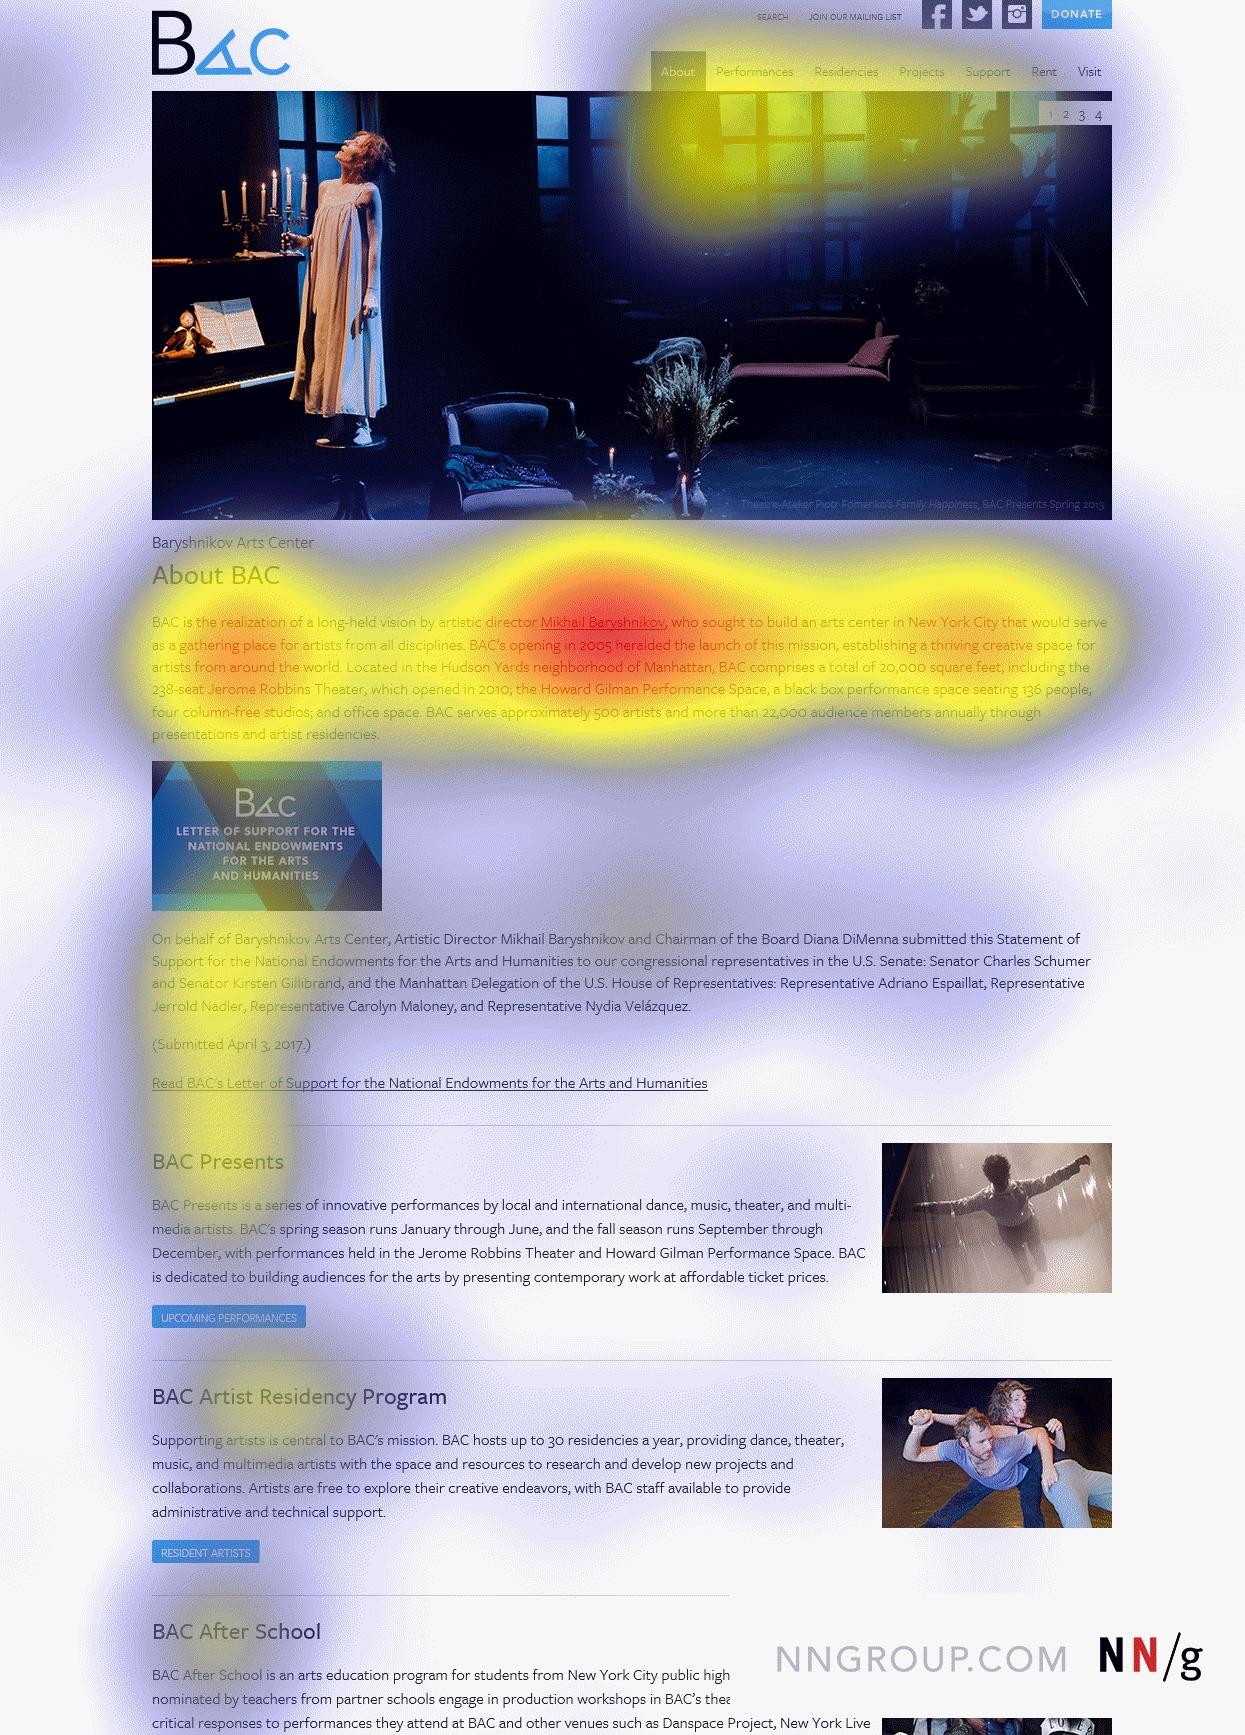 người dùng bỏ qua banner quảng cáo